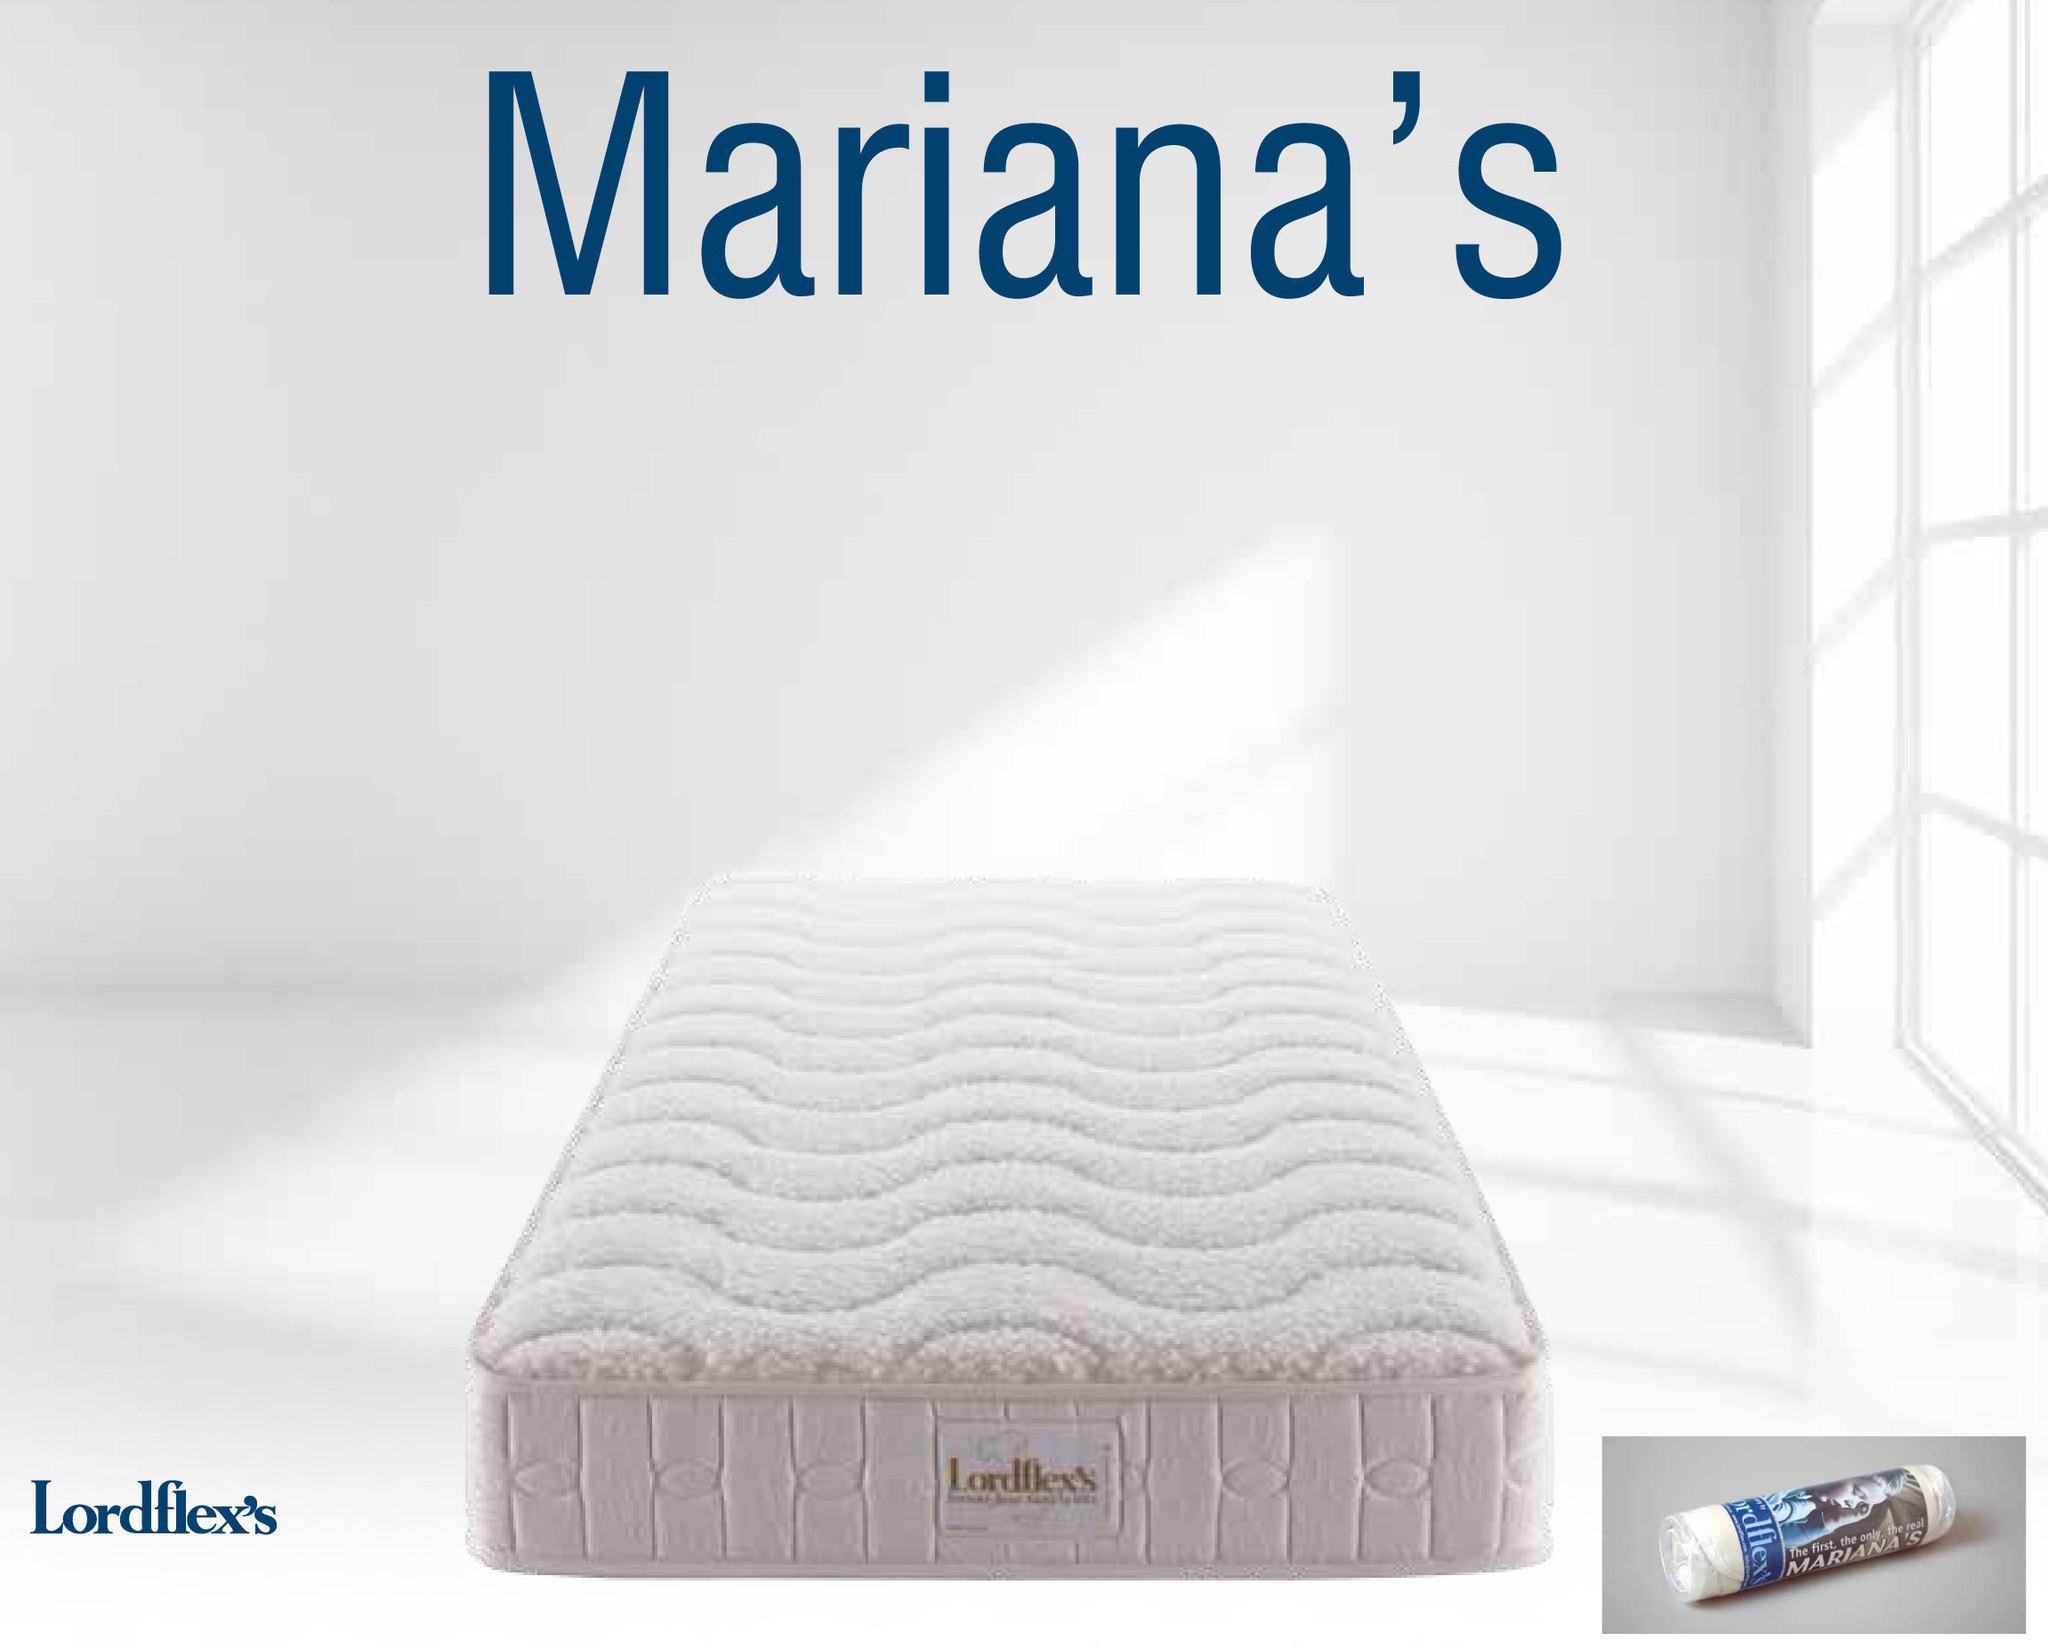 Матрасы Матрас ортопедический Lordflex's Mariana's 90х200 до 140 кг в вакуумной упаковке 1.jpg